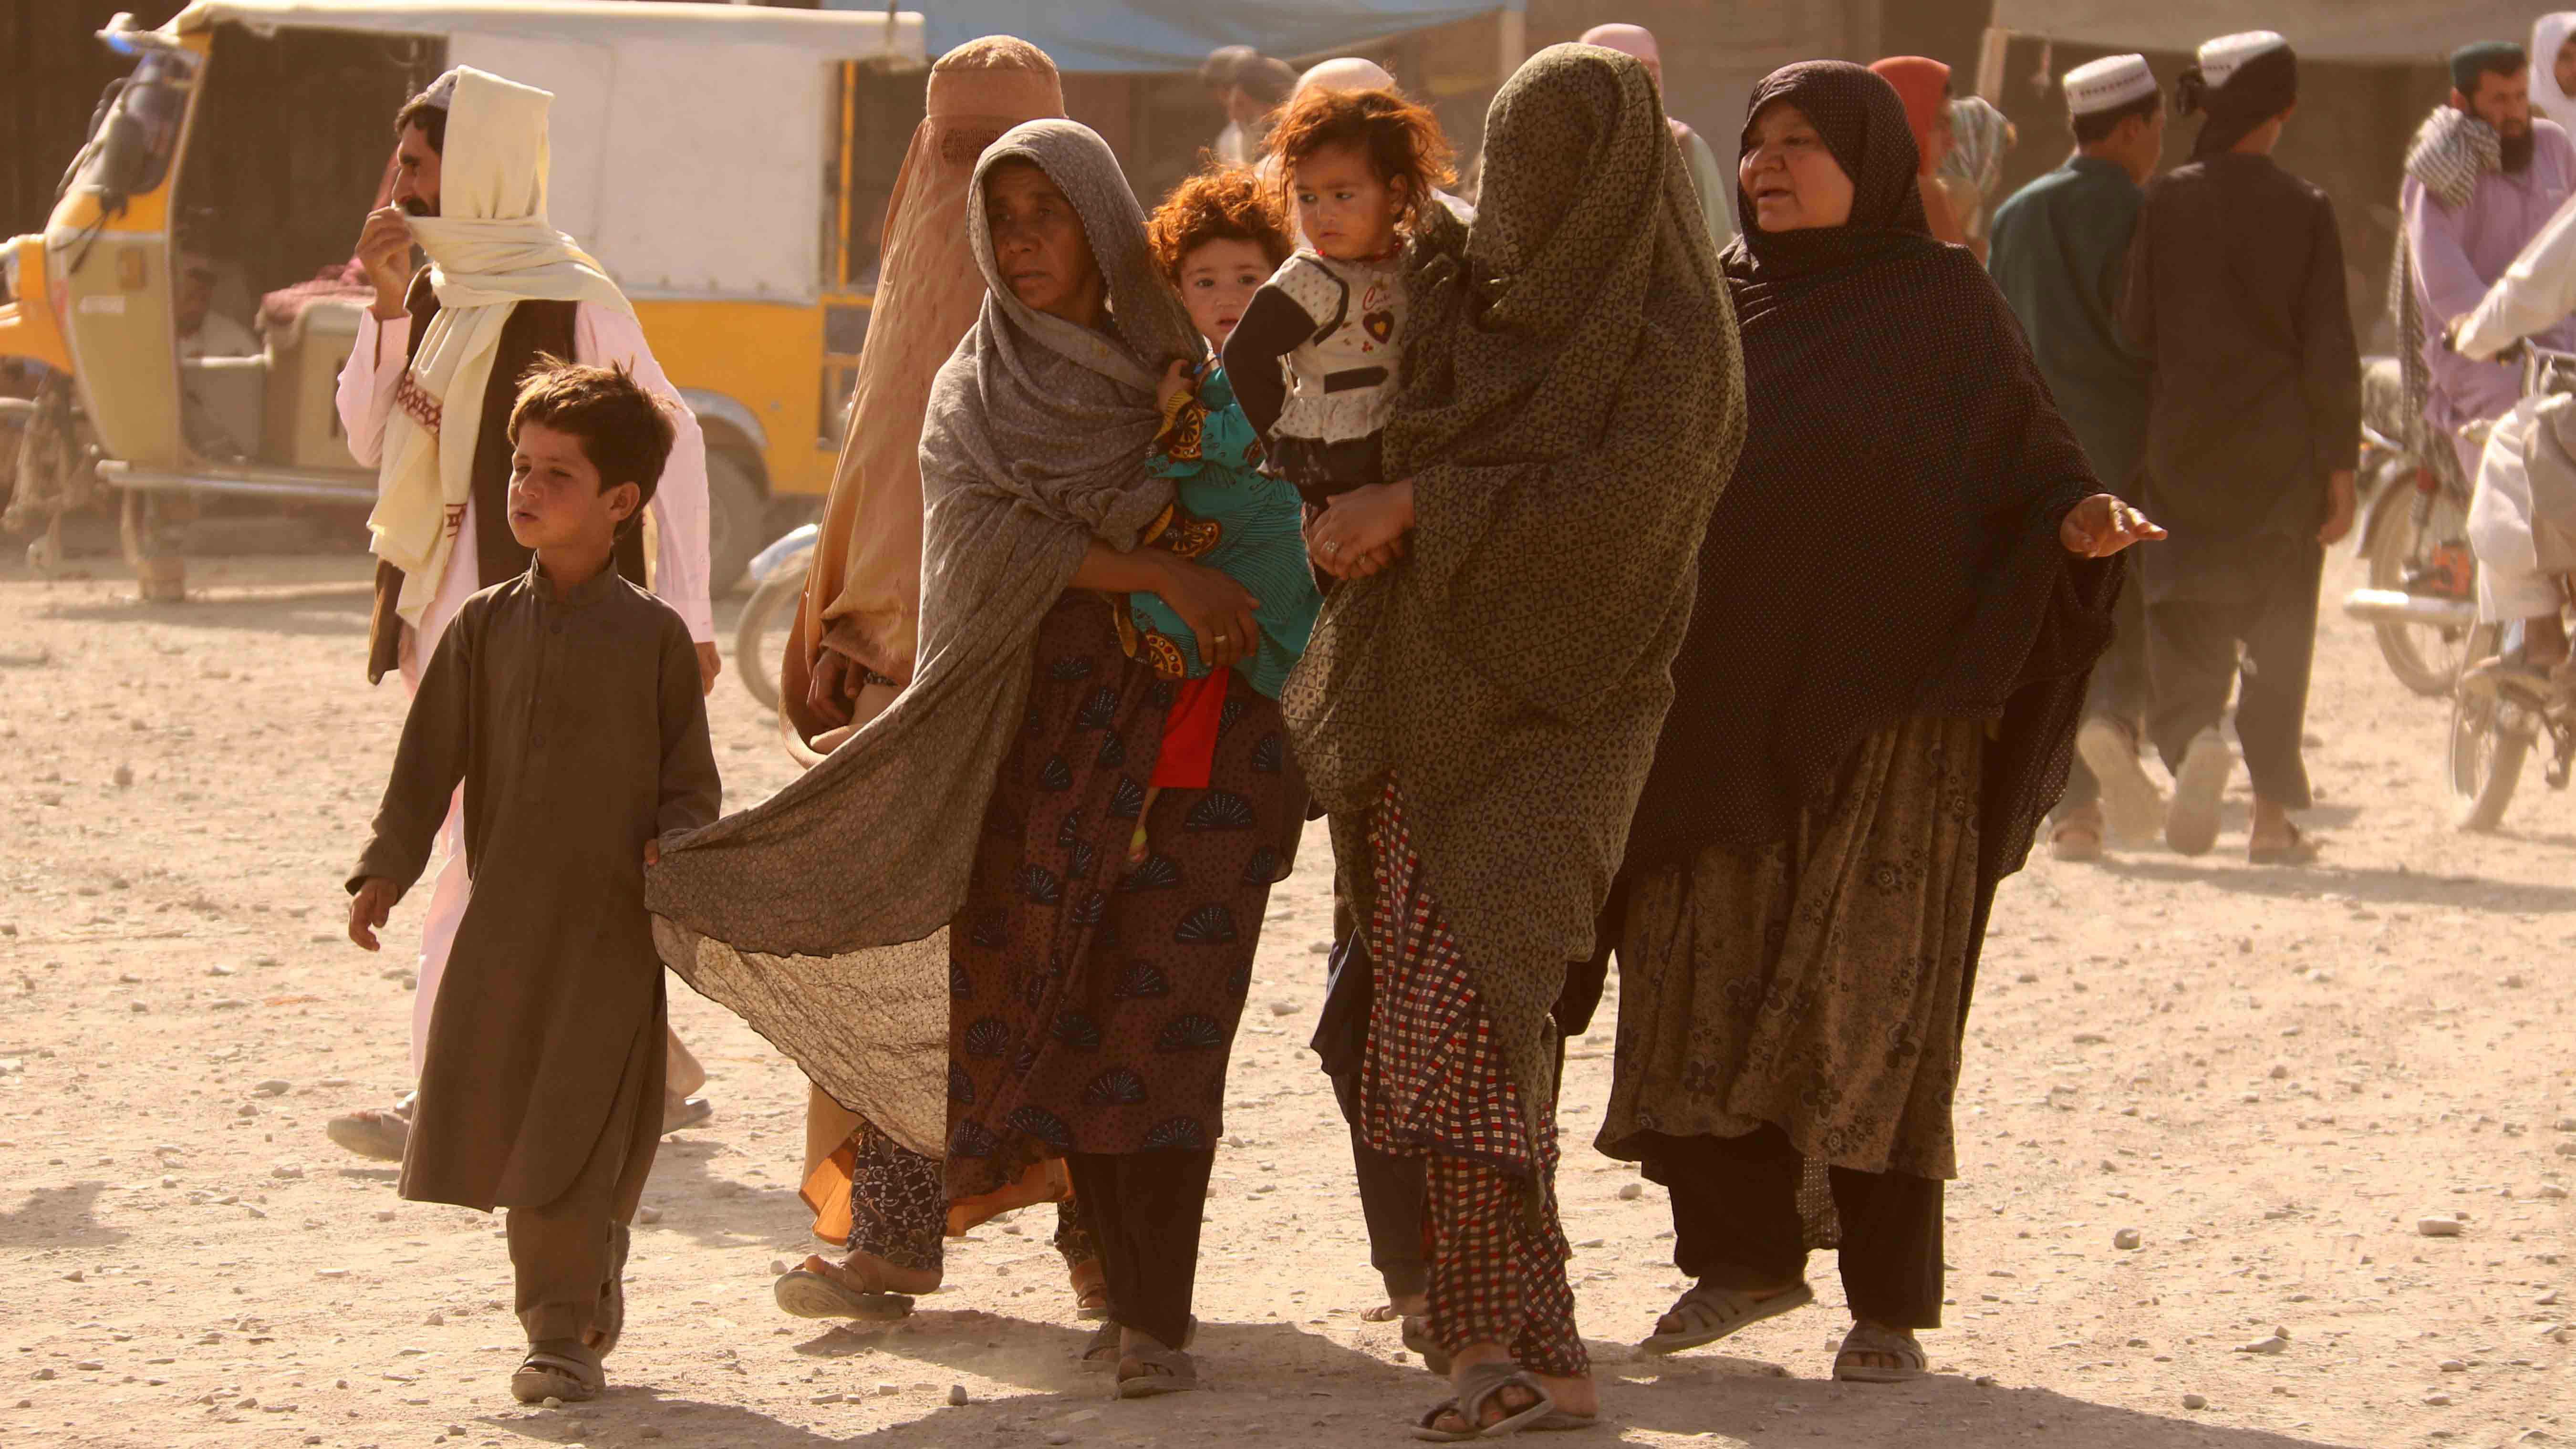 Naisia ja lapsia kävelemässä Pakistanin ja Afganistanin rajalla.